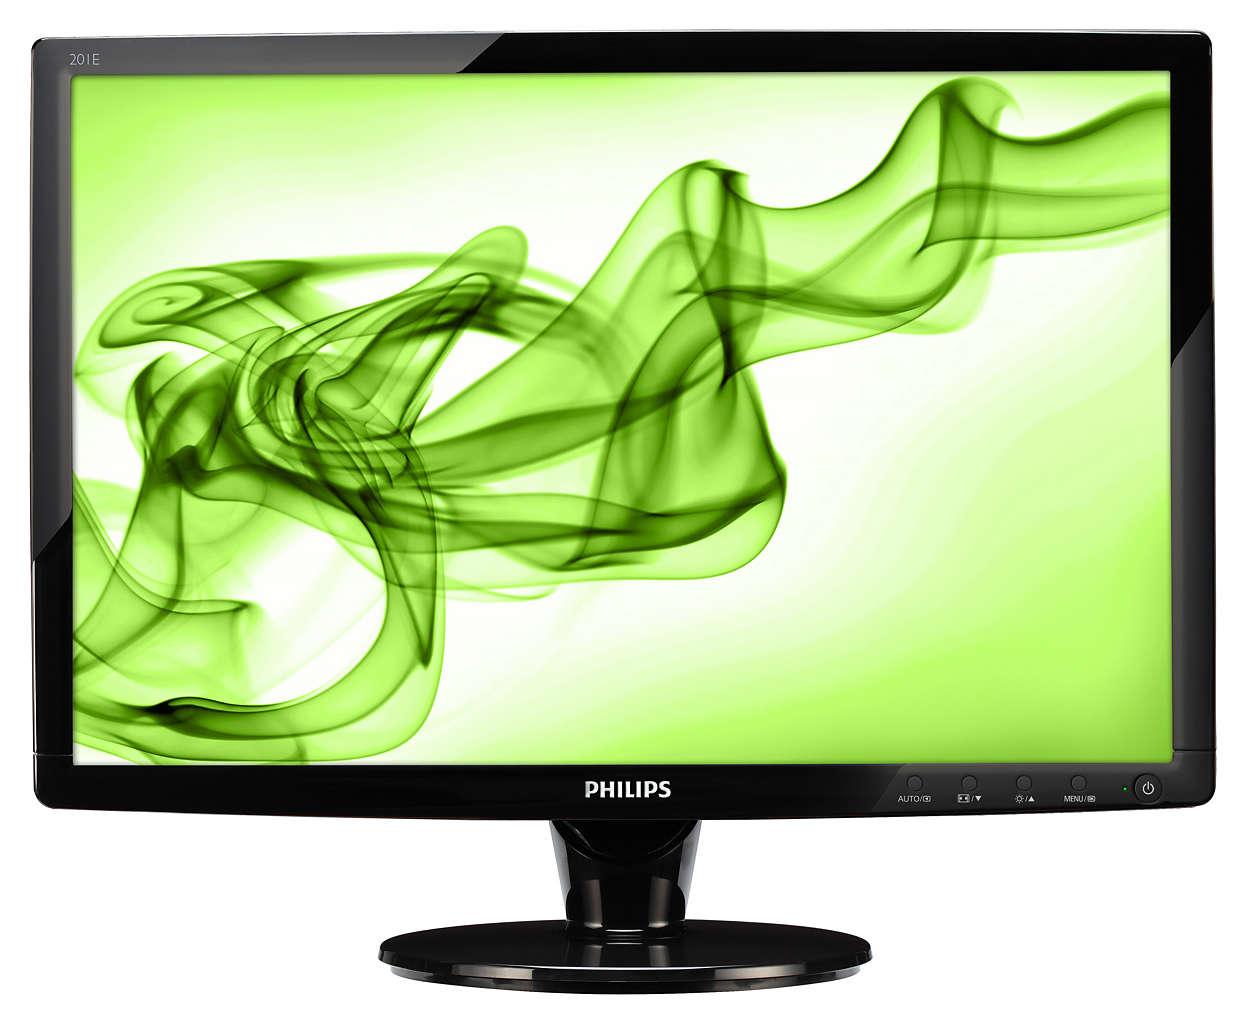 迷人的 16:9 HD 顯示器呈現無與倫比的價值